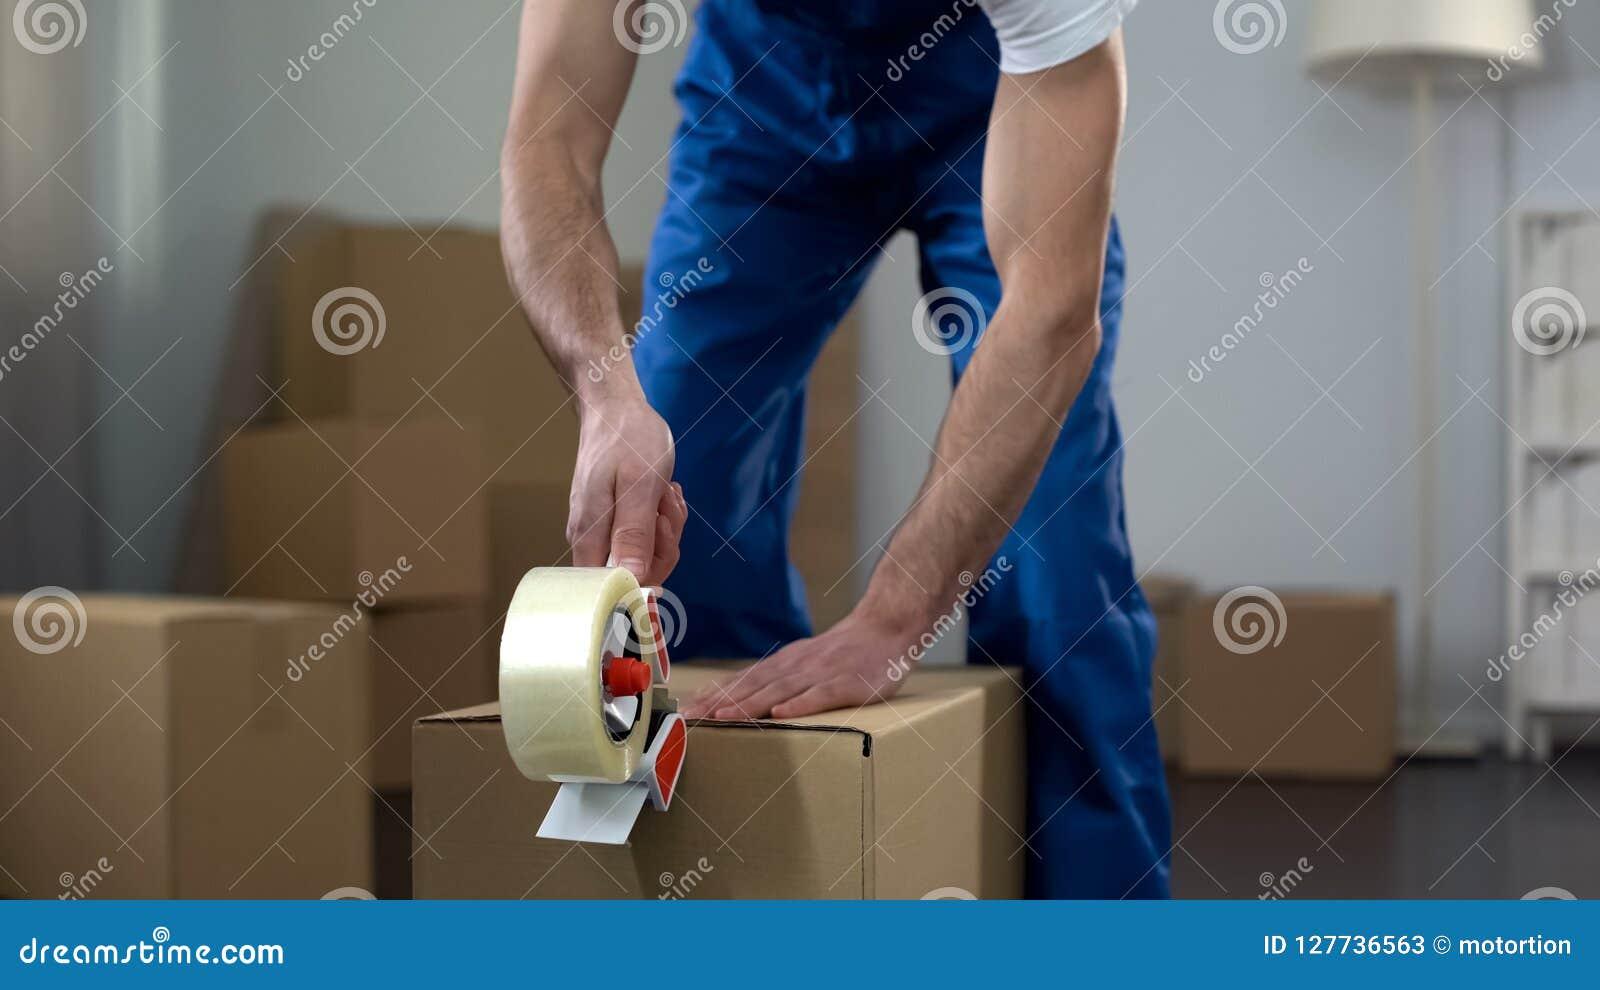 För arbetaremballage för rörande företag kartonger, kvalitets- hemsändningar